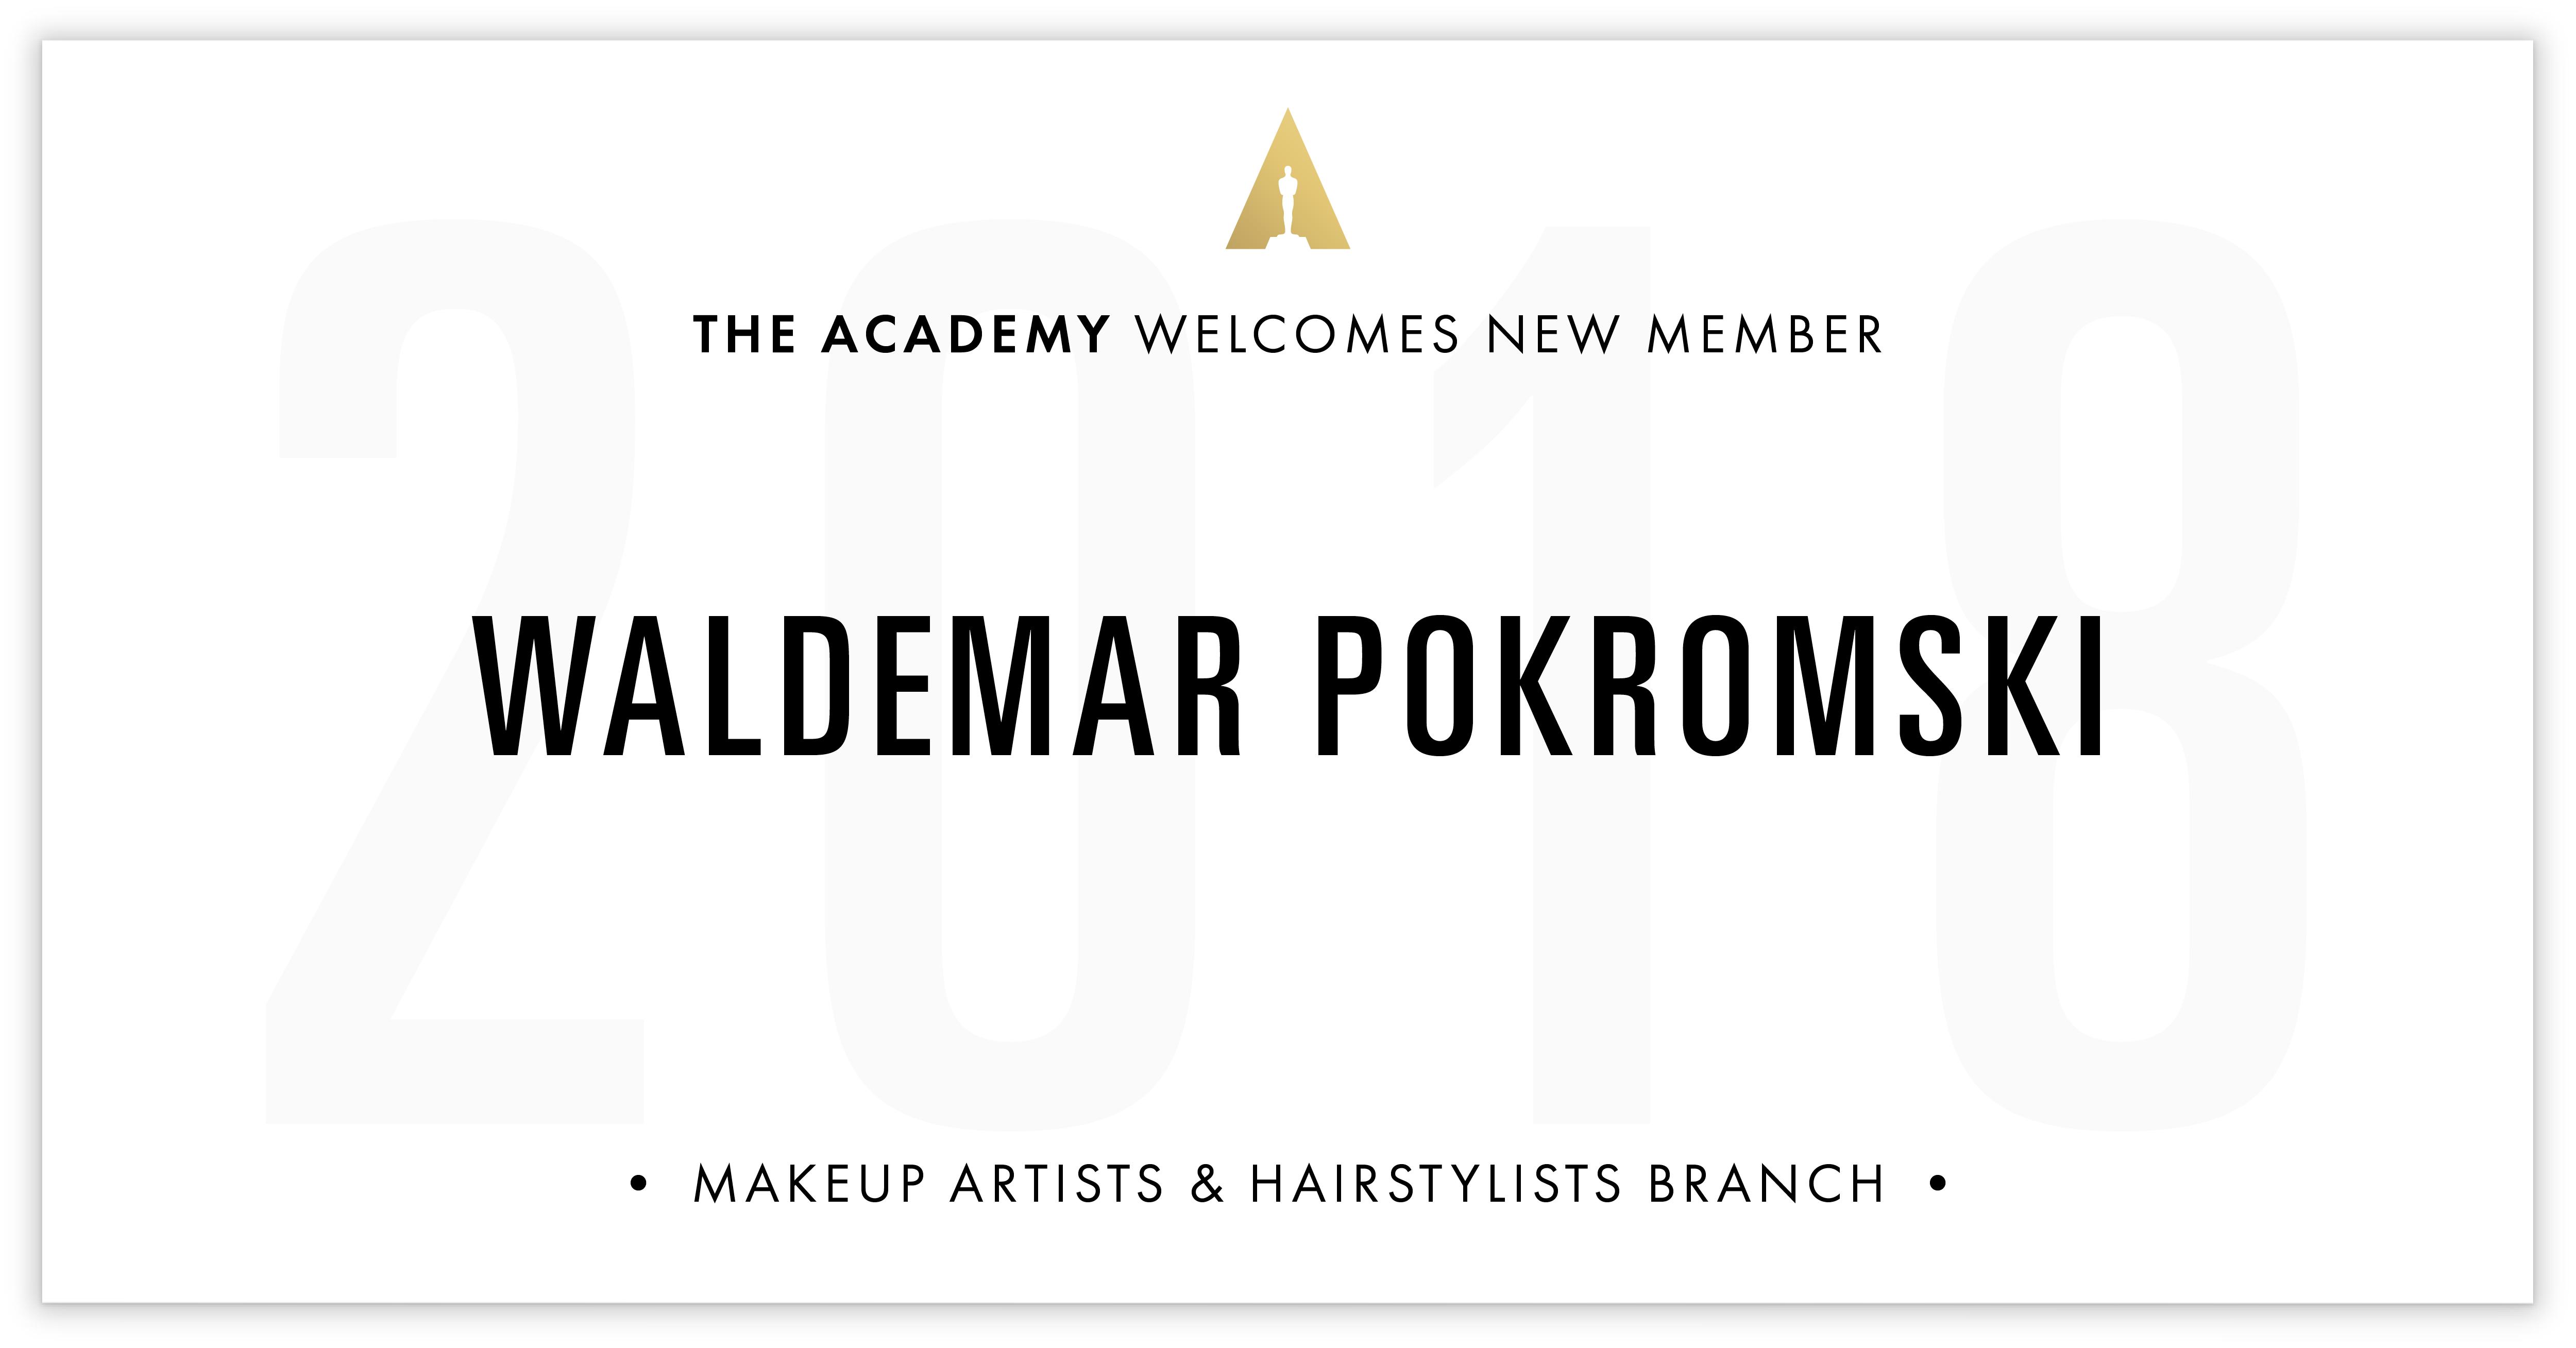 Waldemar Pokromski is invited!